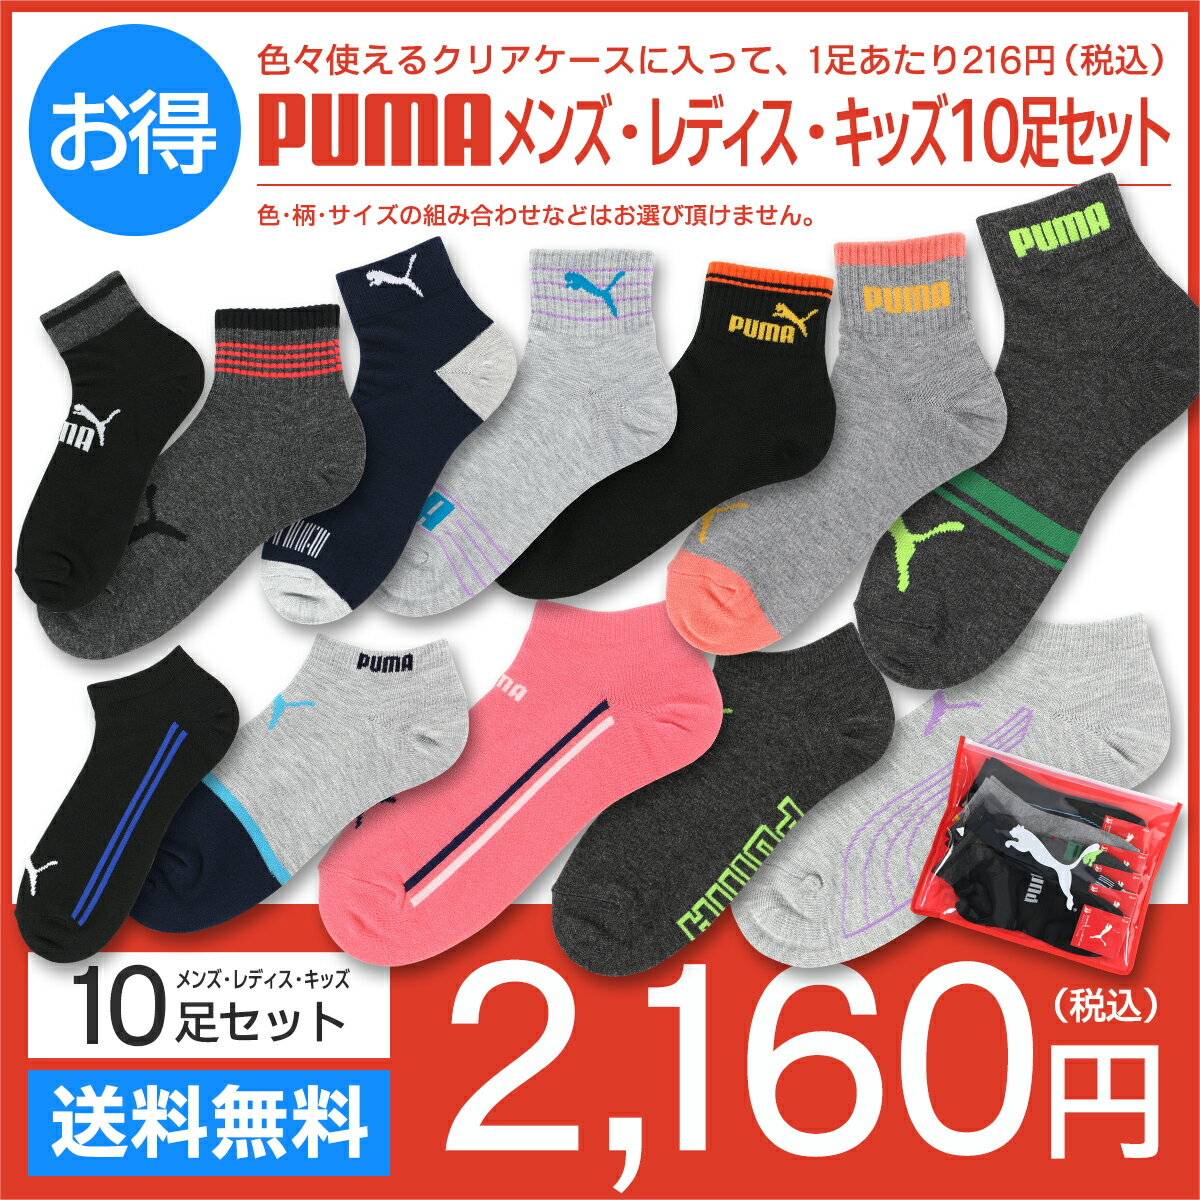 福袋2018送料無料PUMA(プーマ)10足セット靴下クリアケース付き・メンズ・レディス・キッズソッ